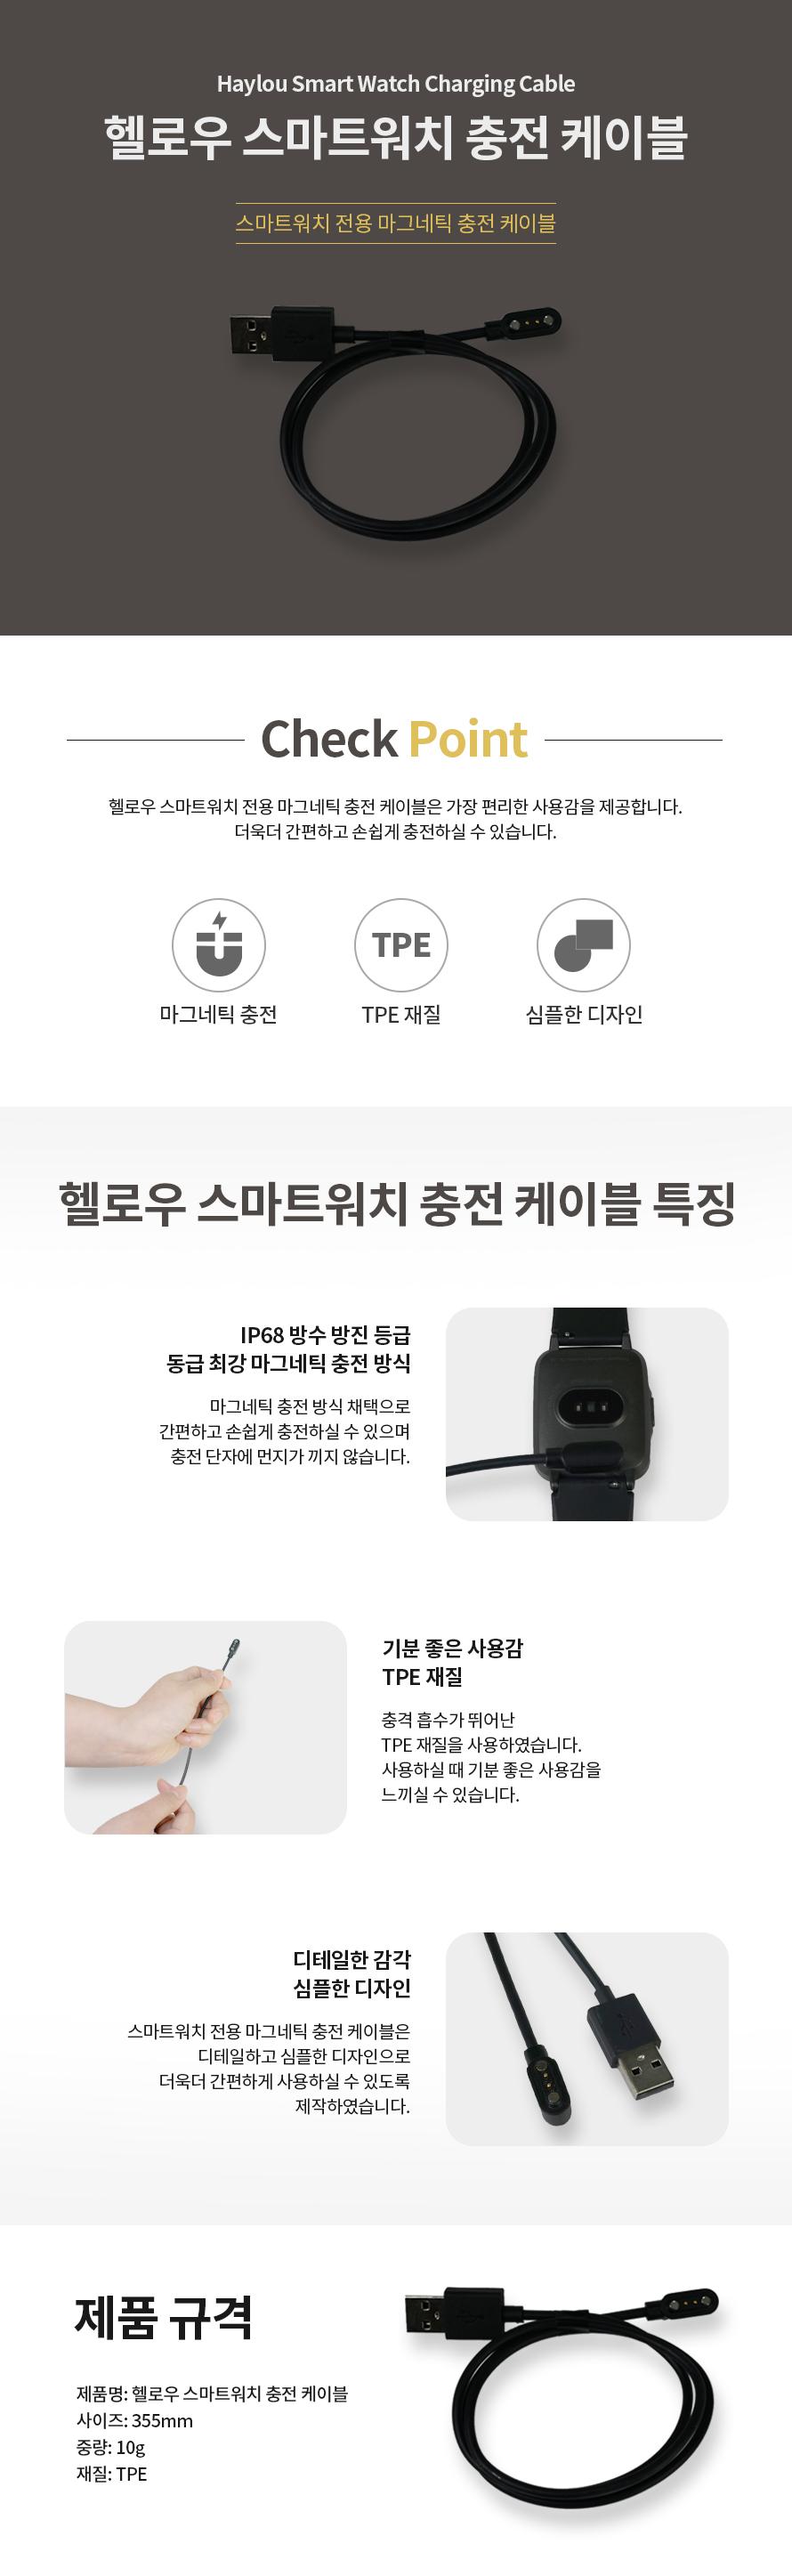 [샤오미] 헬로우 스마트워치 Haylou-LS02 전용 마그네틱 충전케이블